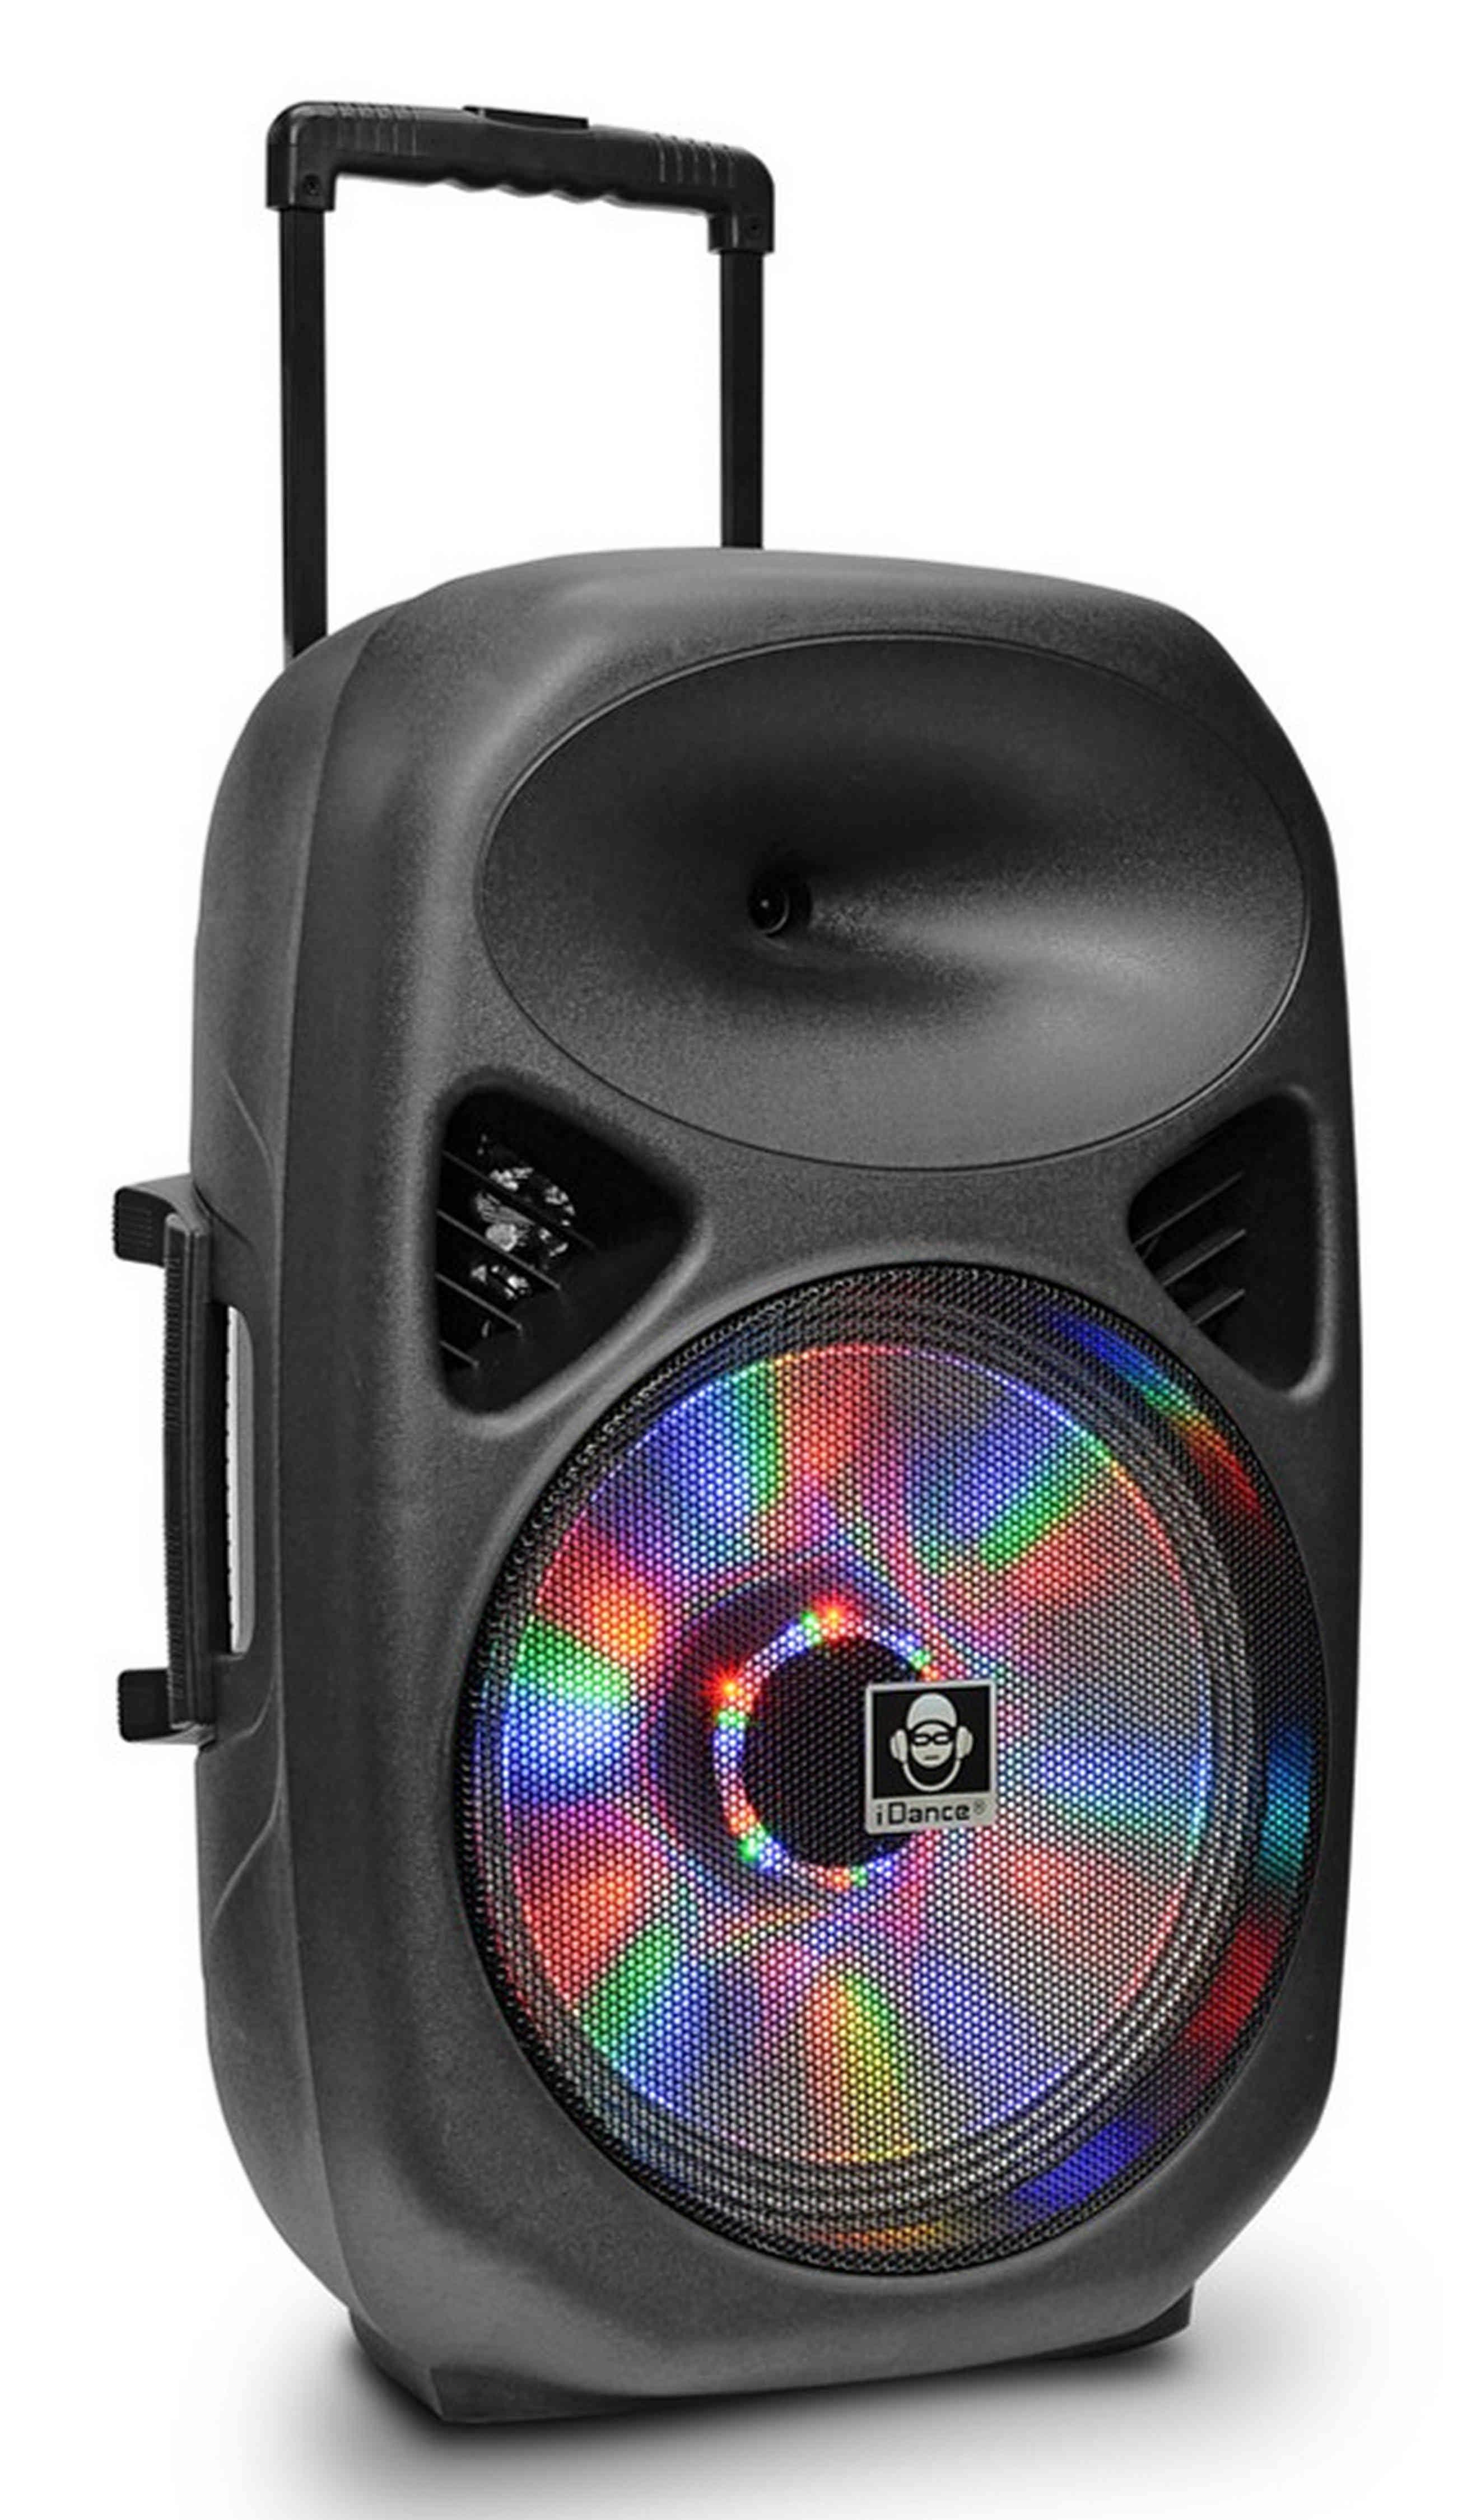 iDance Mobiler Bluetooth Party-Lautsprecher mit 2 kabellosen Mikrofonen »Groove 540«